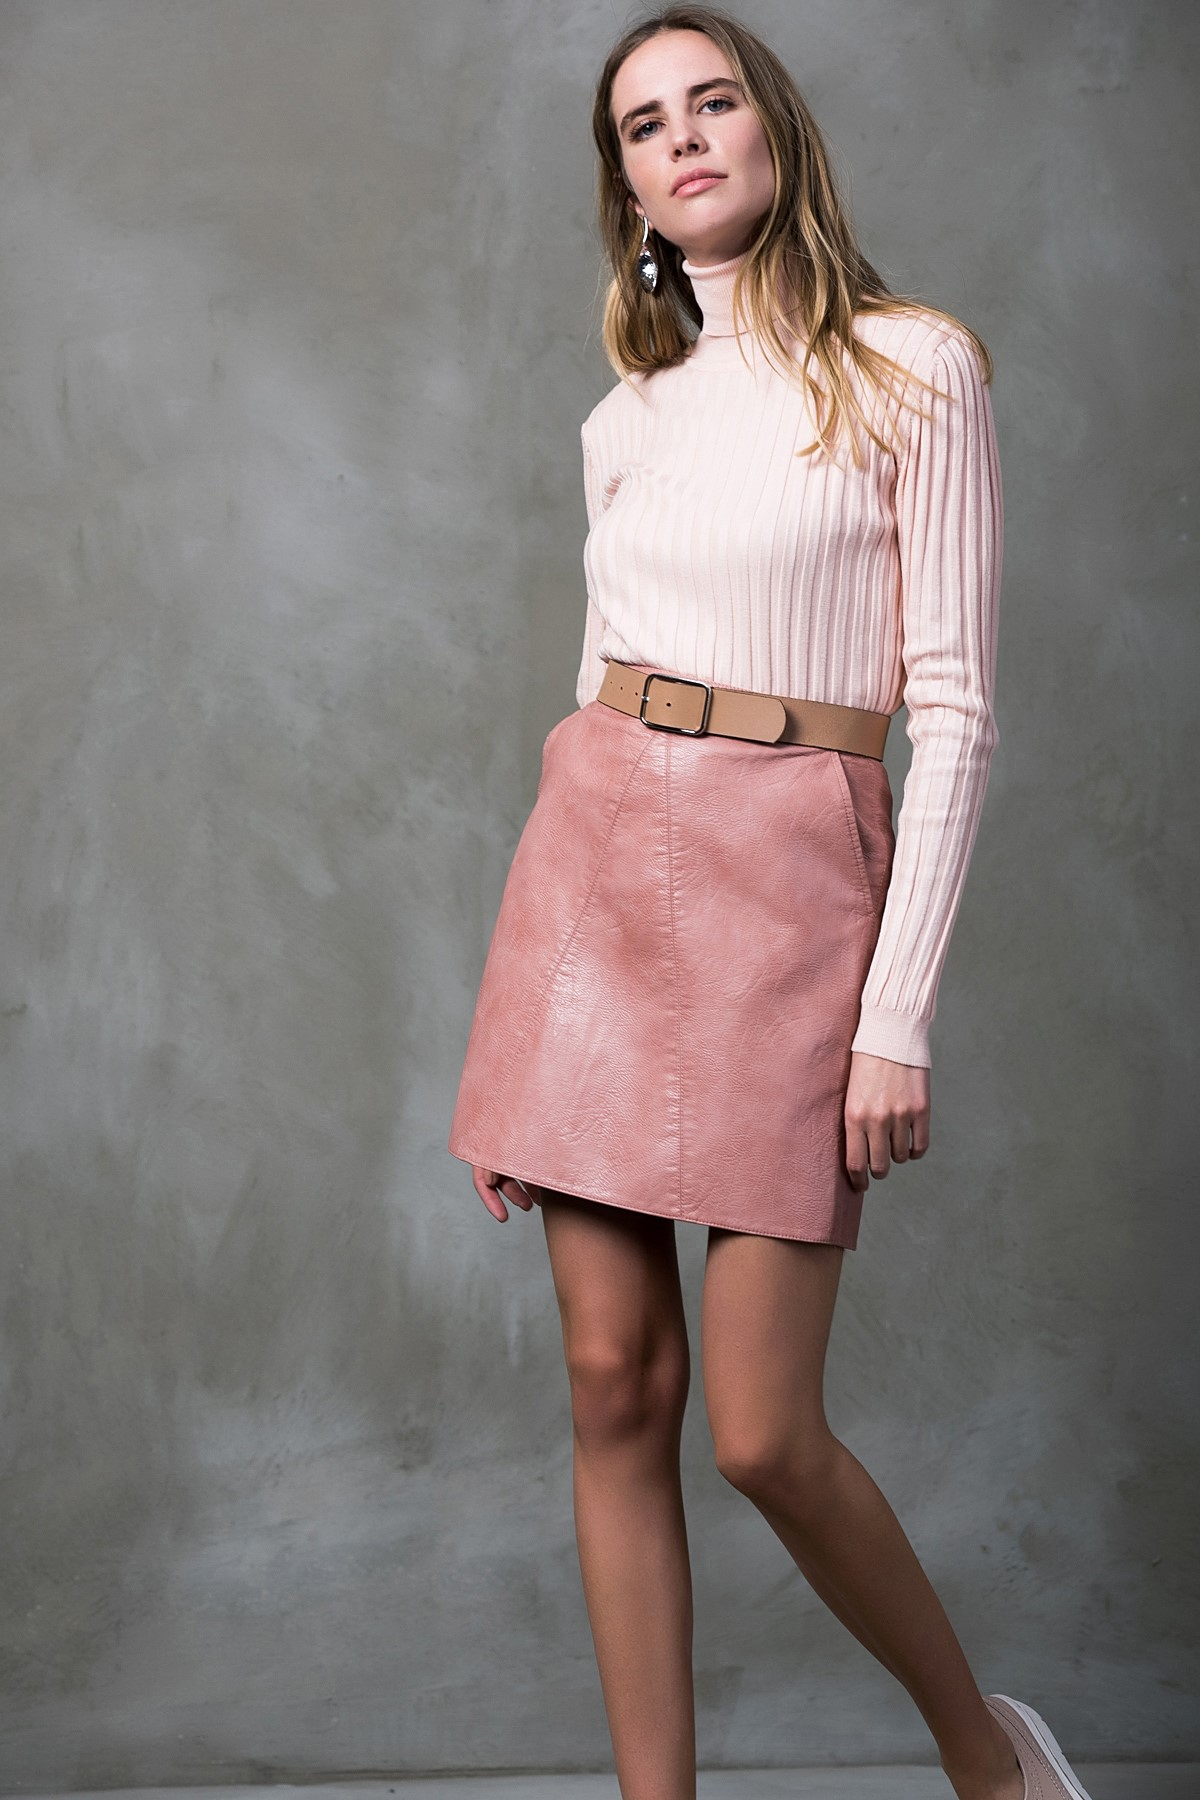 خرید اینترنتی لباس زنانه رنگ سال 95